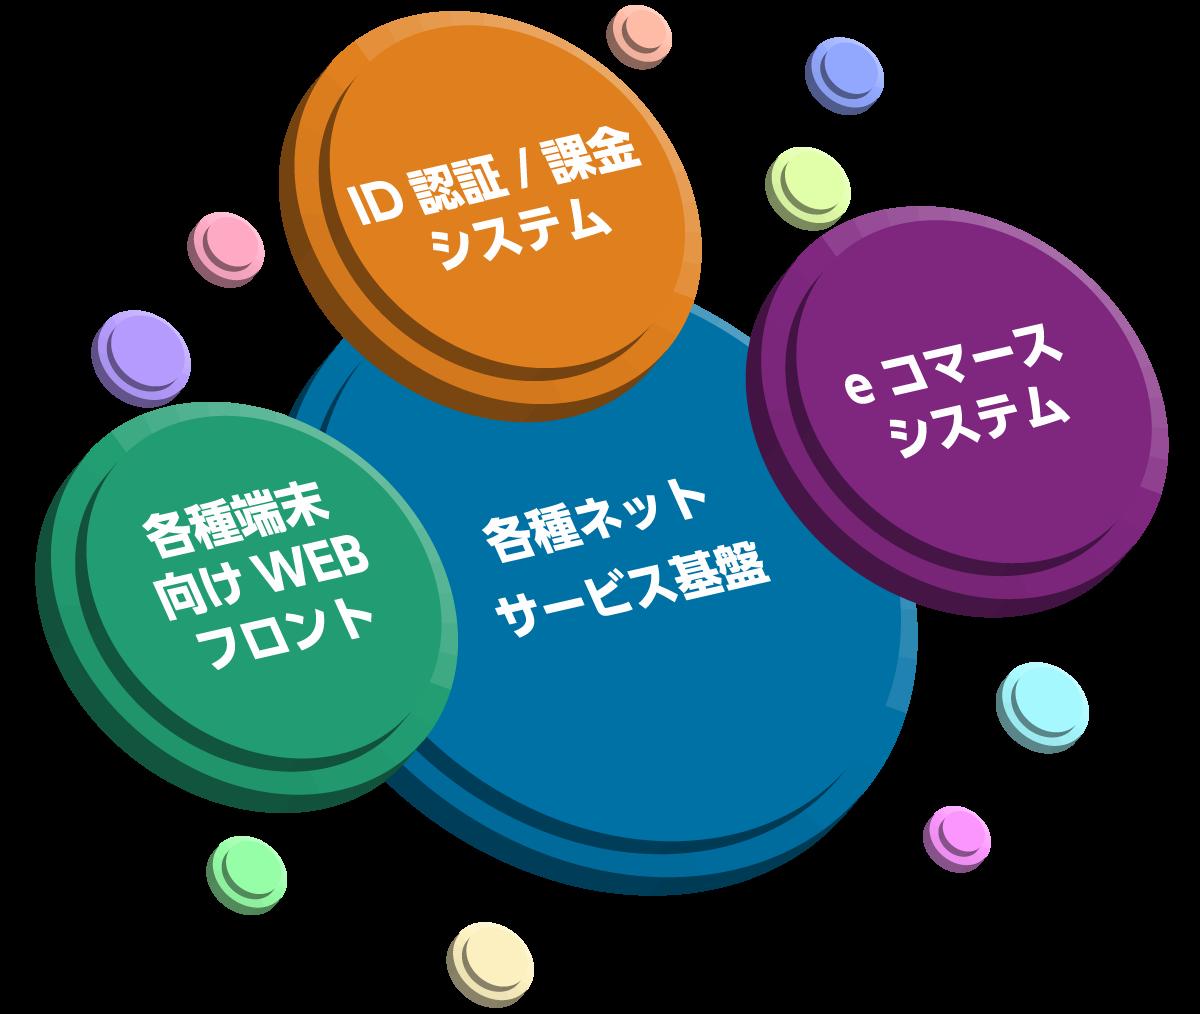 各種ネットサービス基盤、各種端末向けWEBフロント、ID認証/課金システム、eコマースシステム